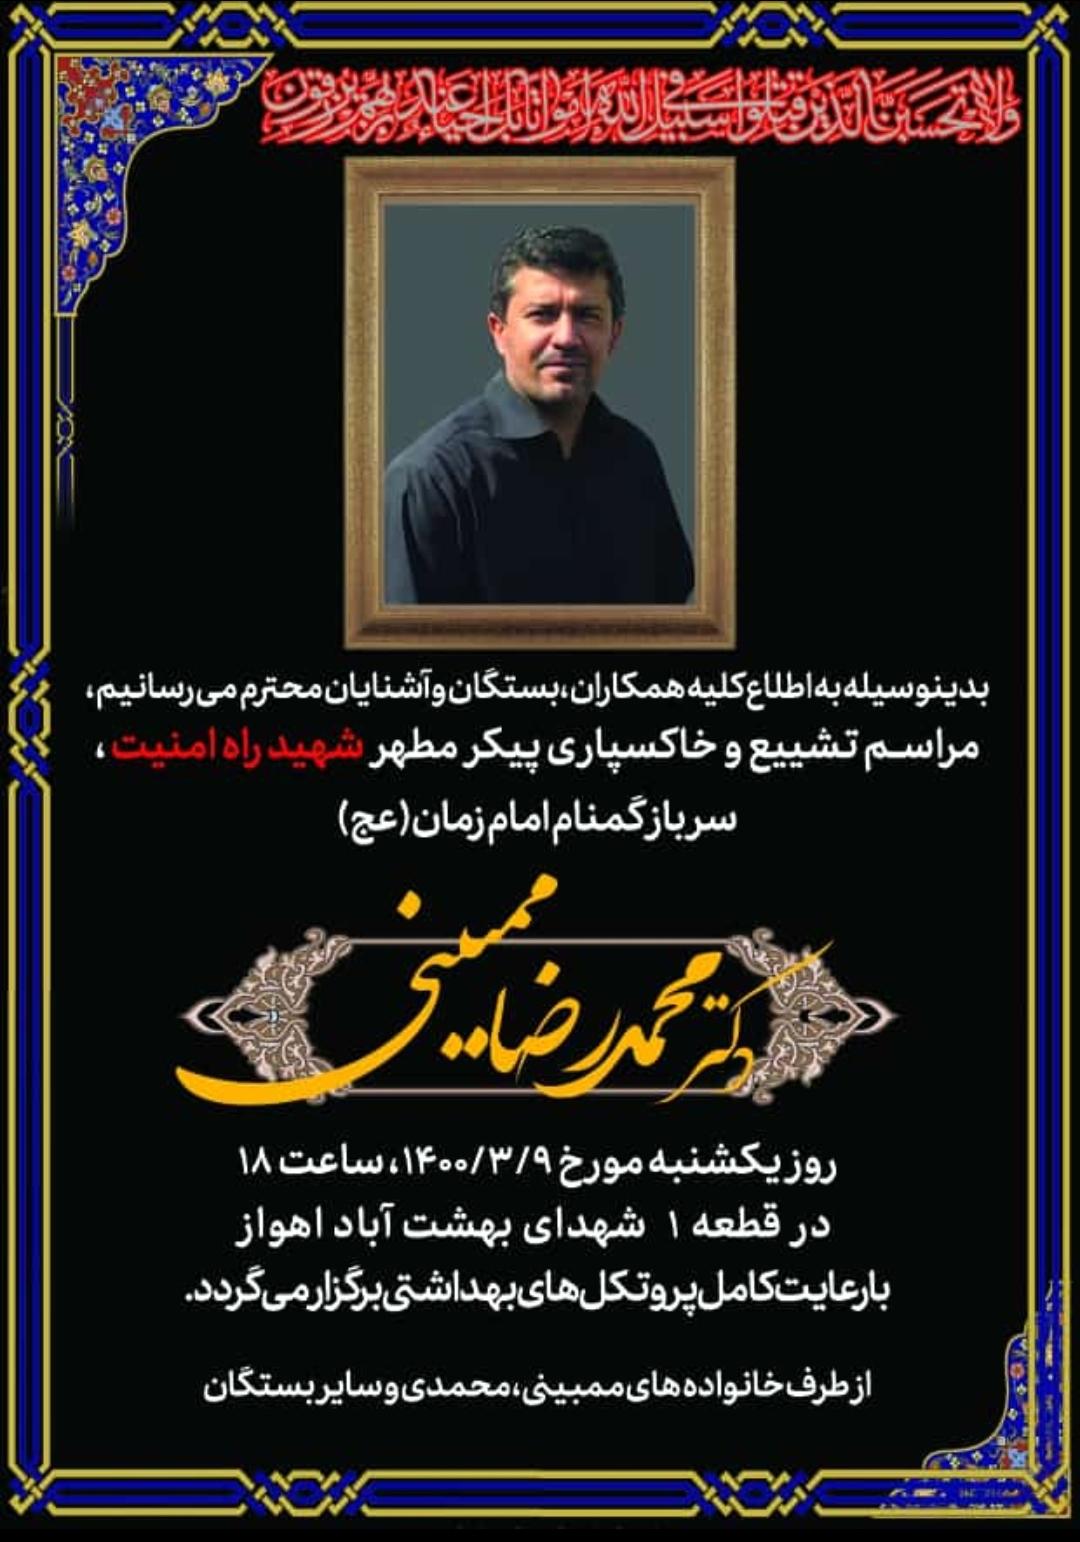 شهید محمدرضا ممبینی سرباز گمنام امام زمان